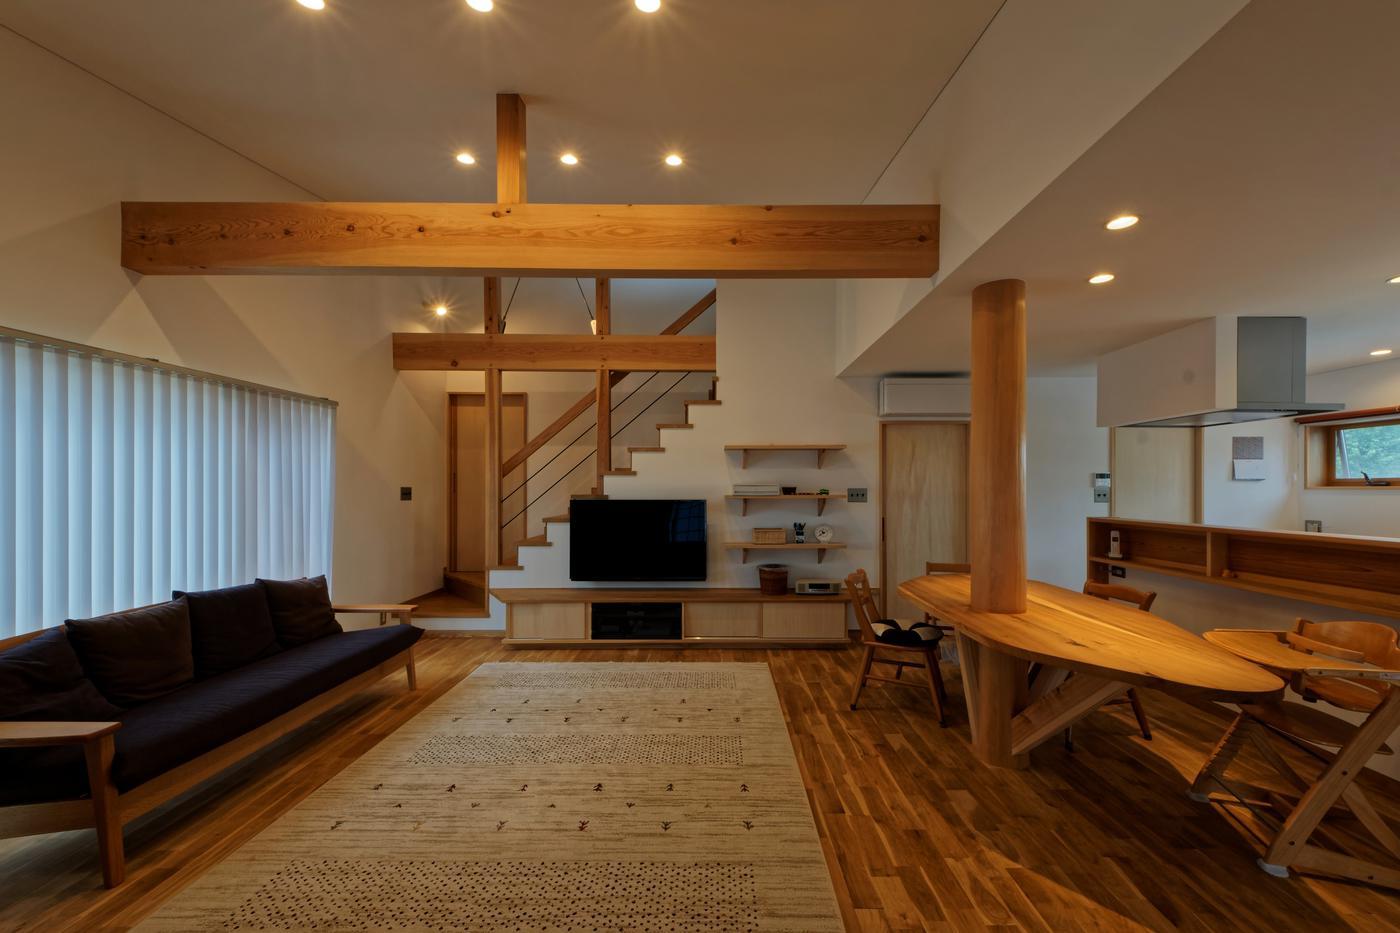 温和しい家